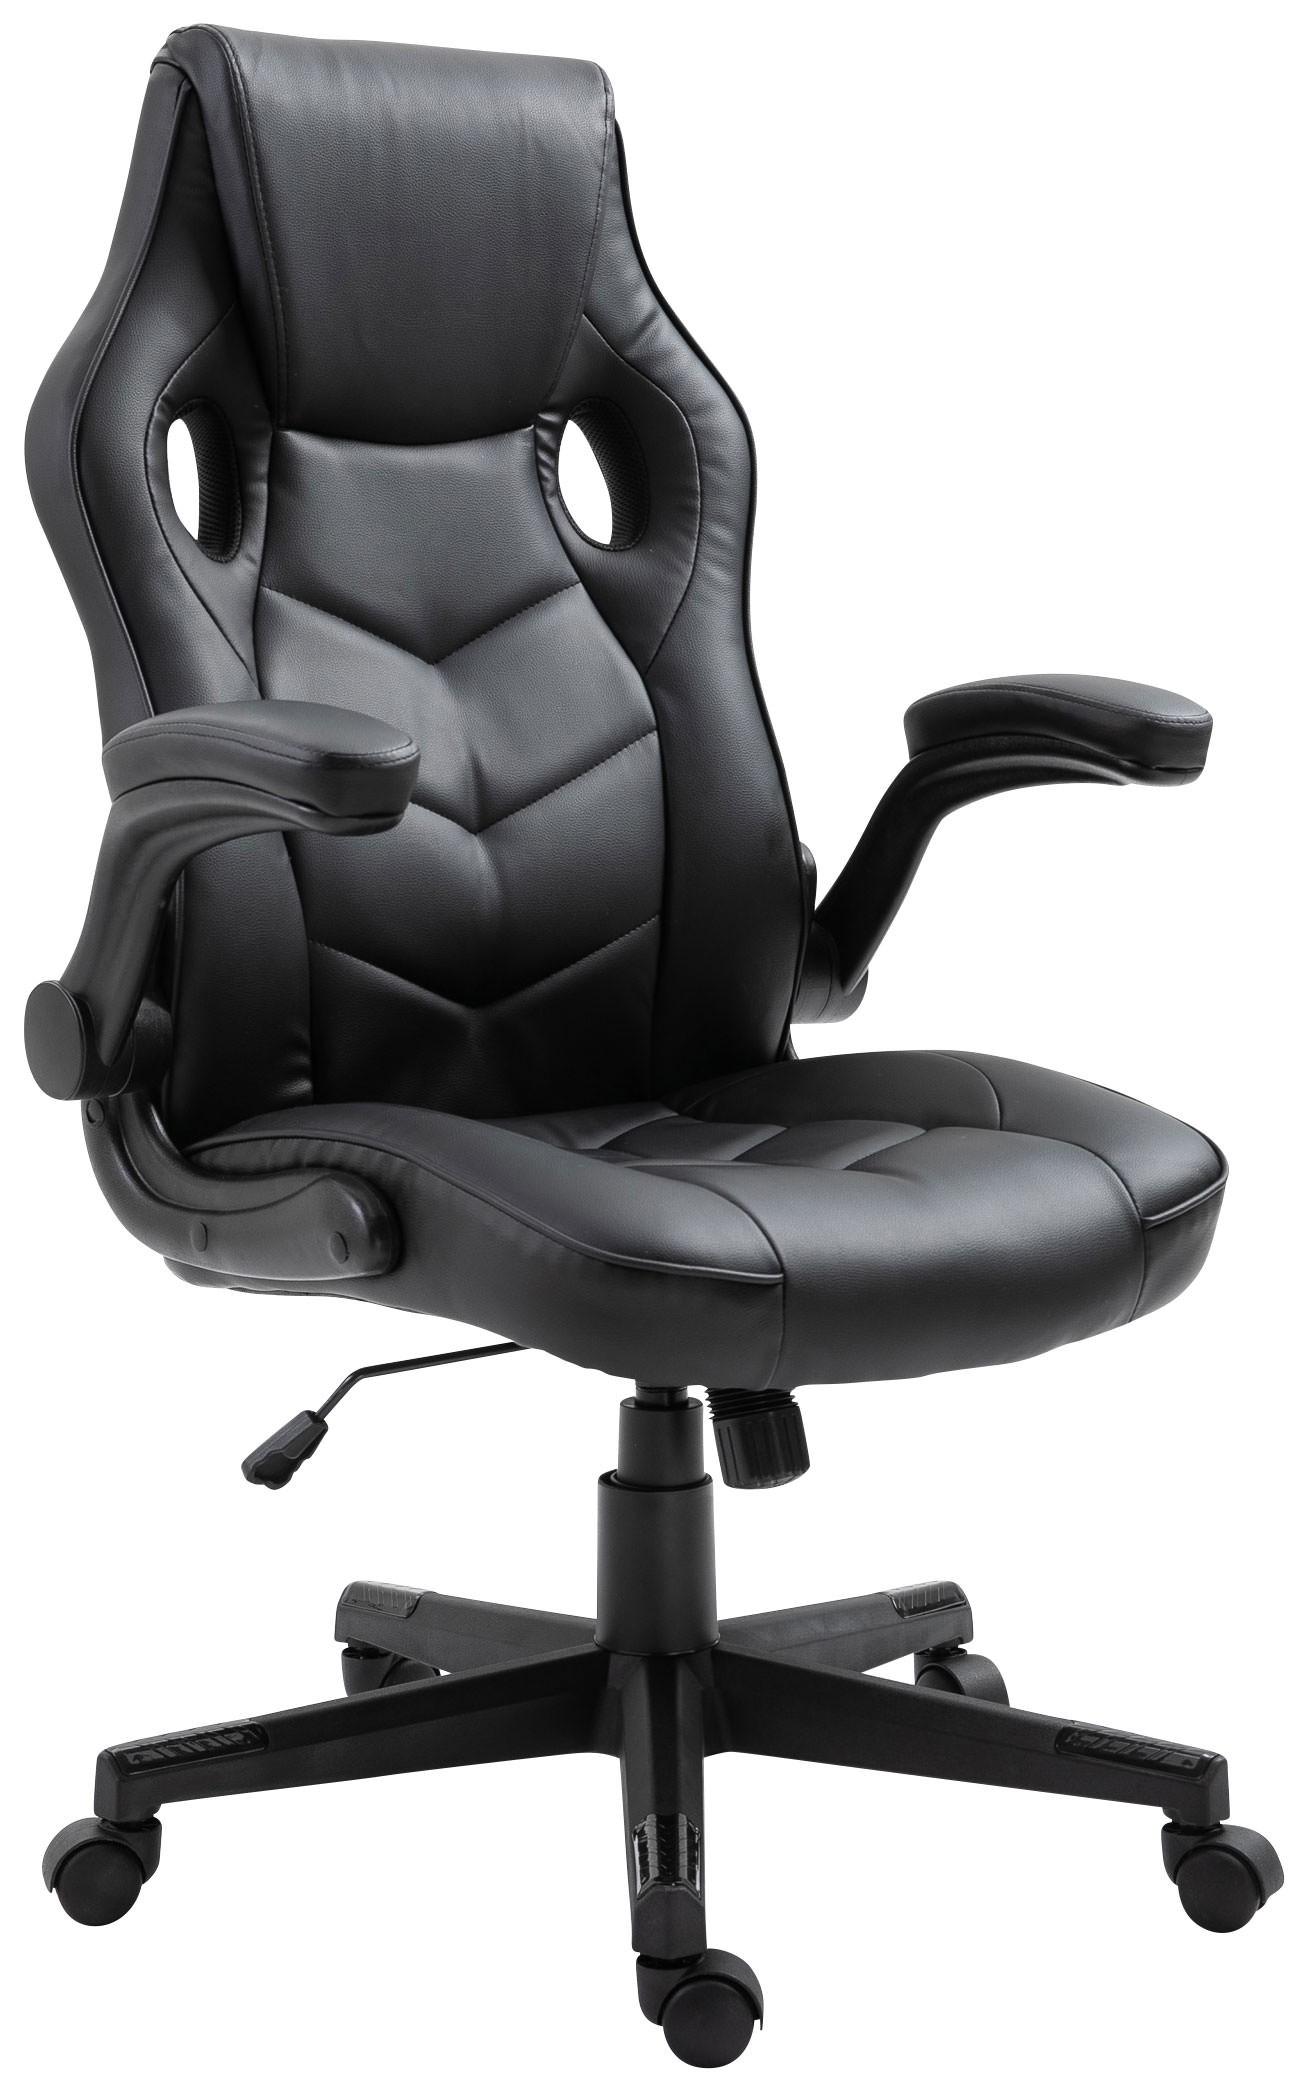 Chaise de bureau Omis en similicuir